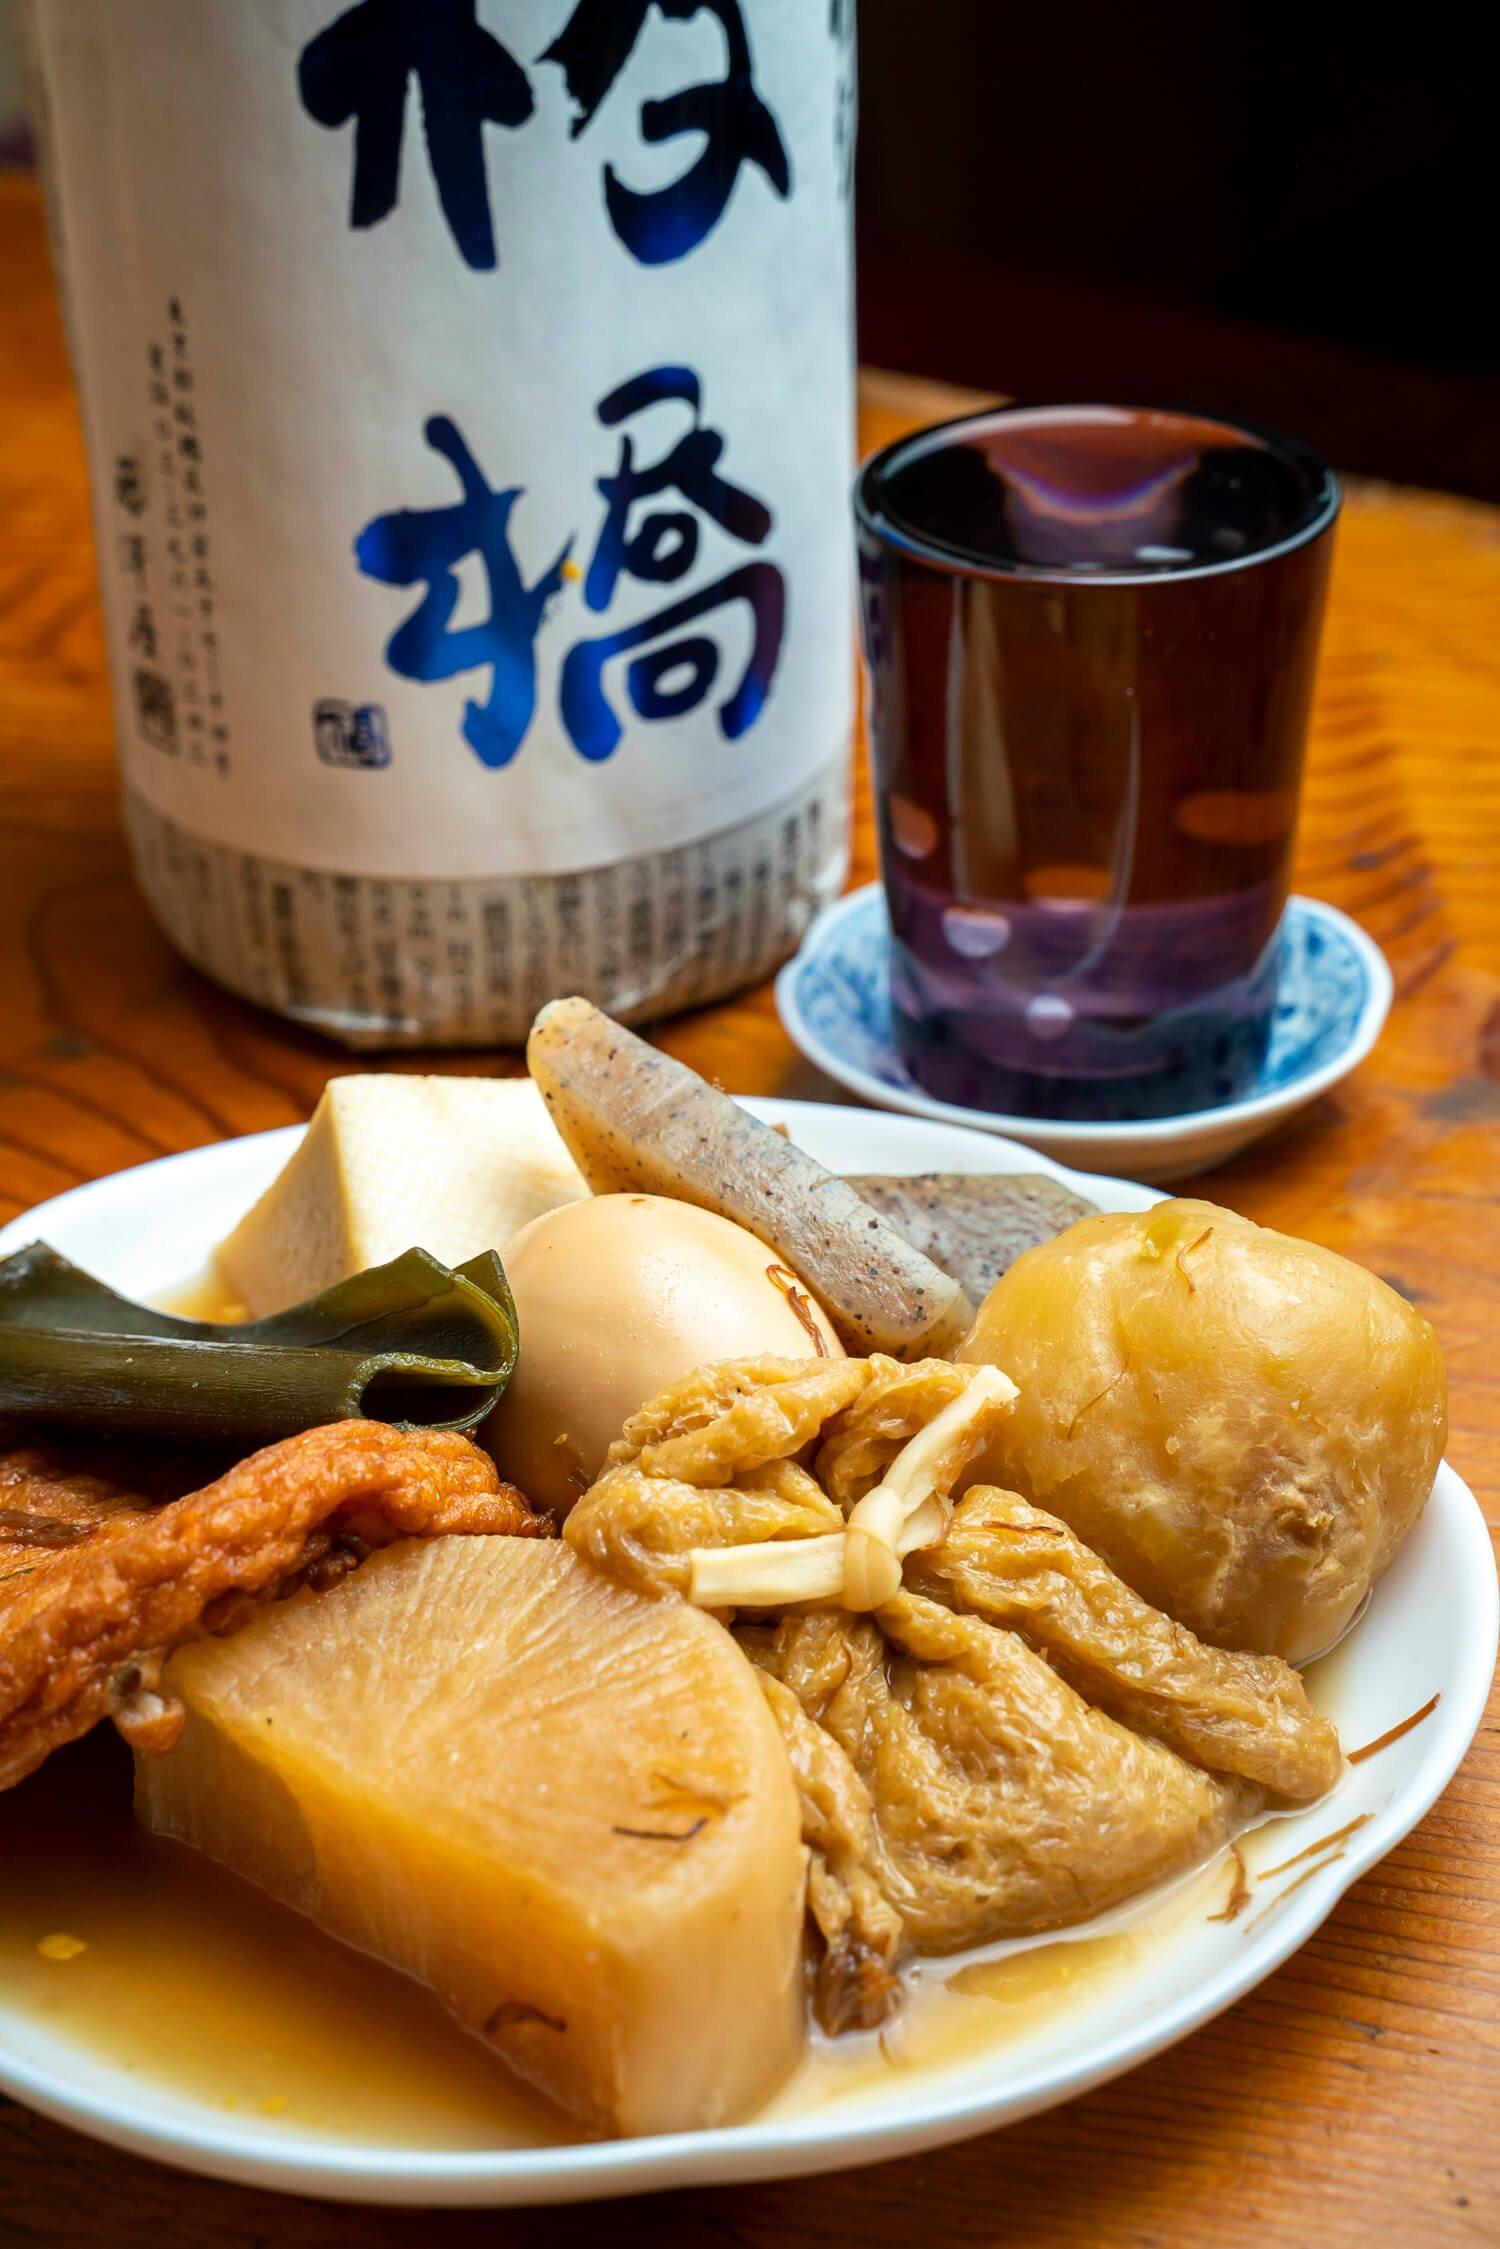 日本酒・板橋のグラスは660円。アテは名物のおでん1人前1320円。出汁の味を日々調整する繊細な仕事に刮目(かつもく)せよ。